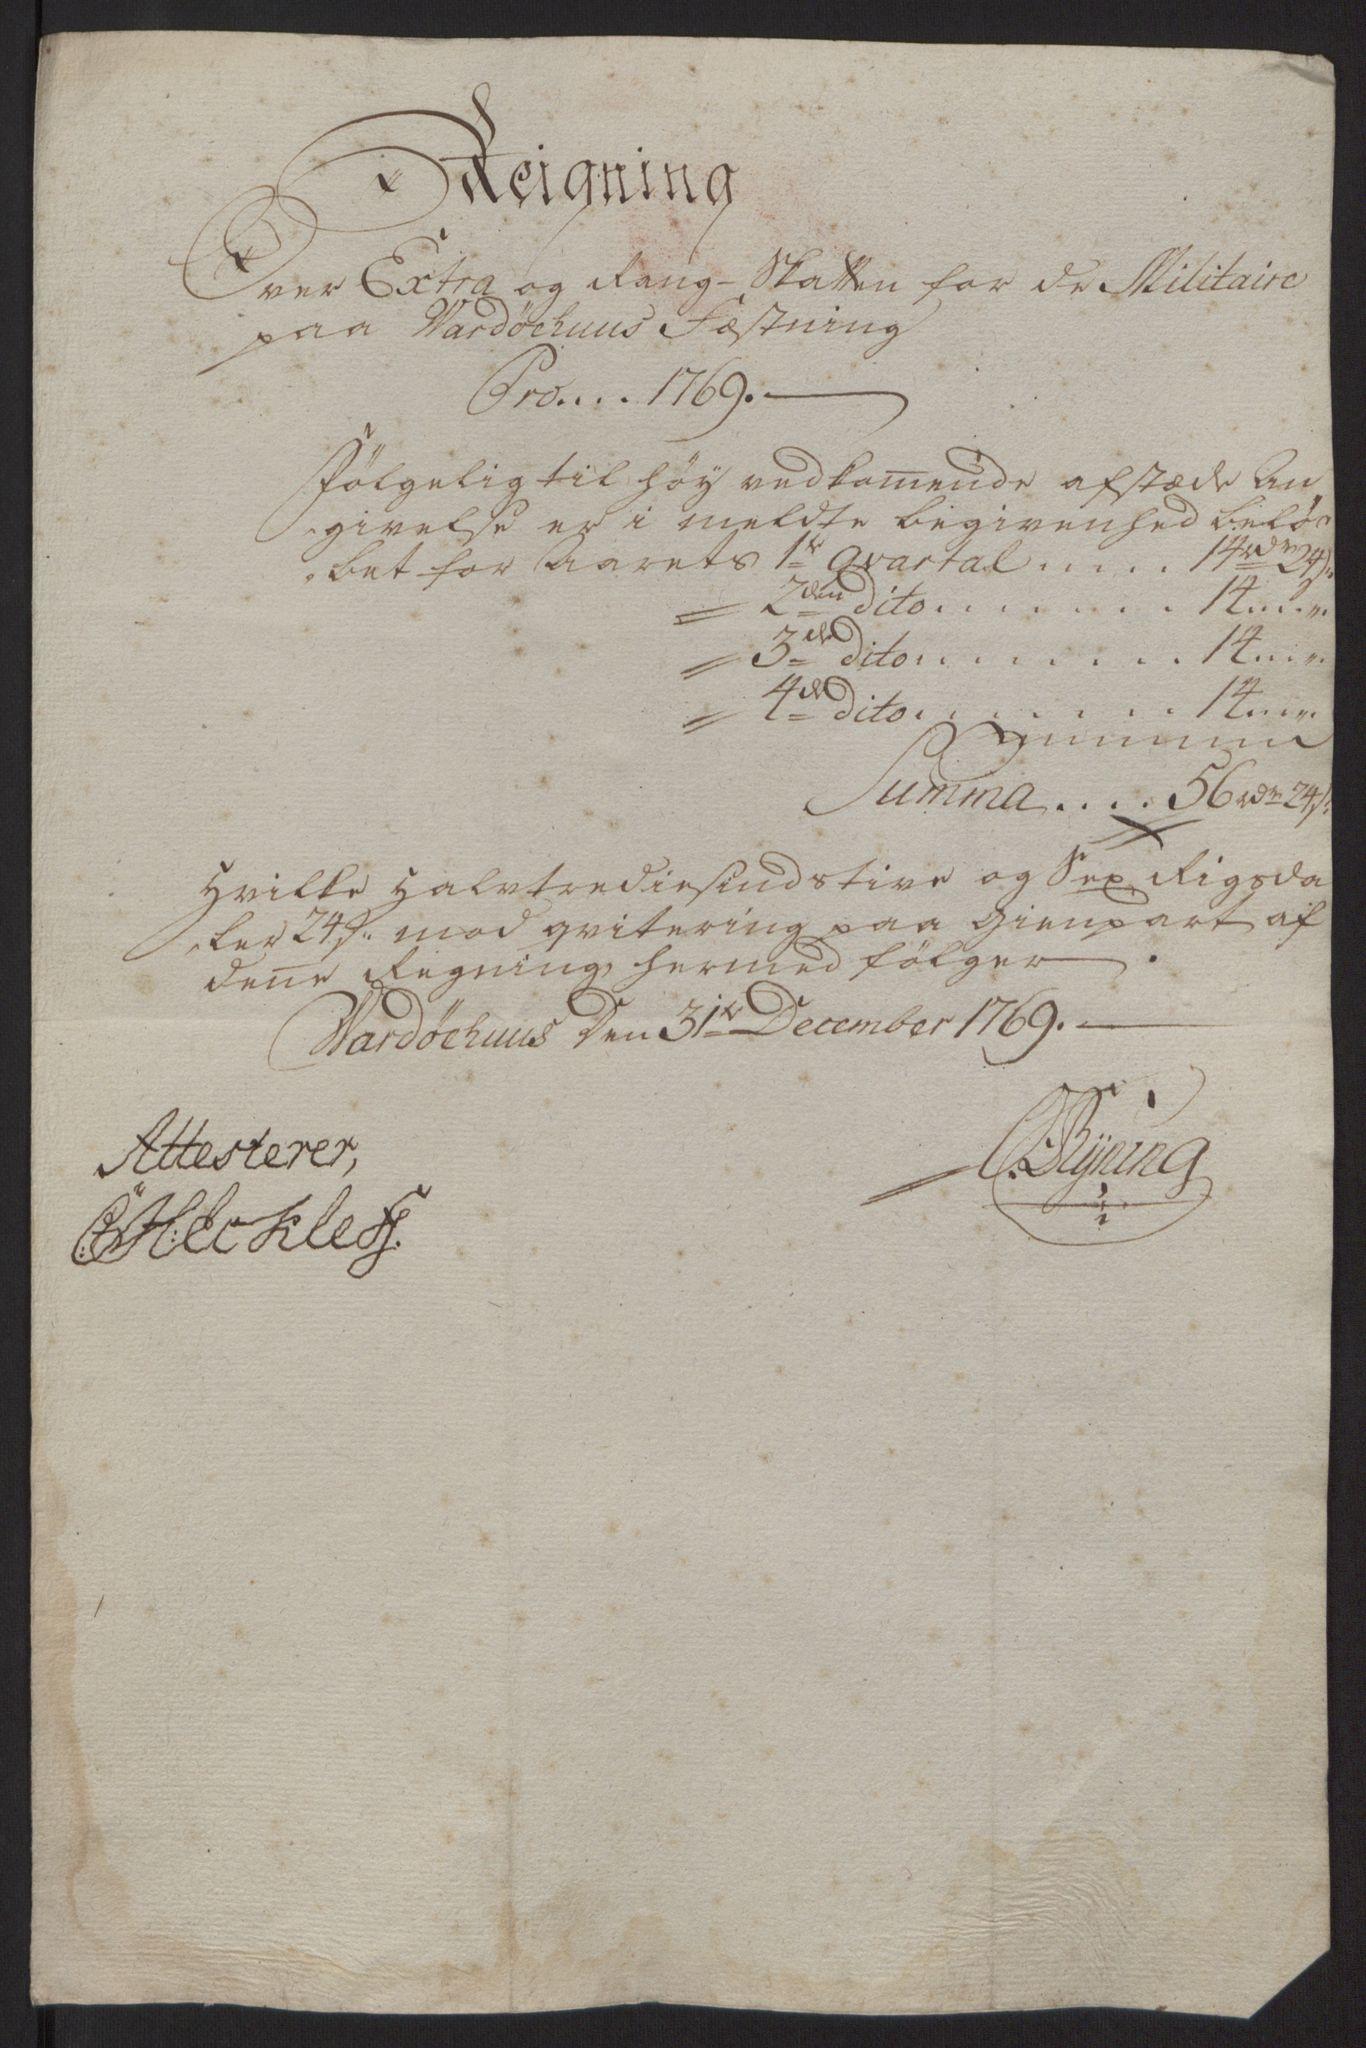 RA, Rentekammeret inntil 1814, Reviderte regnskaper, Fogderegnskap, R69/L4910: Ekstraskatten  Finnmark/Vardøhus, 1762-1772, s. 399